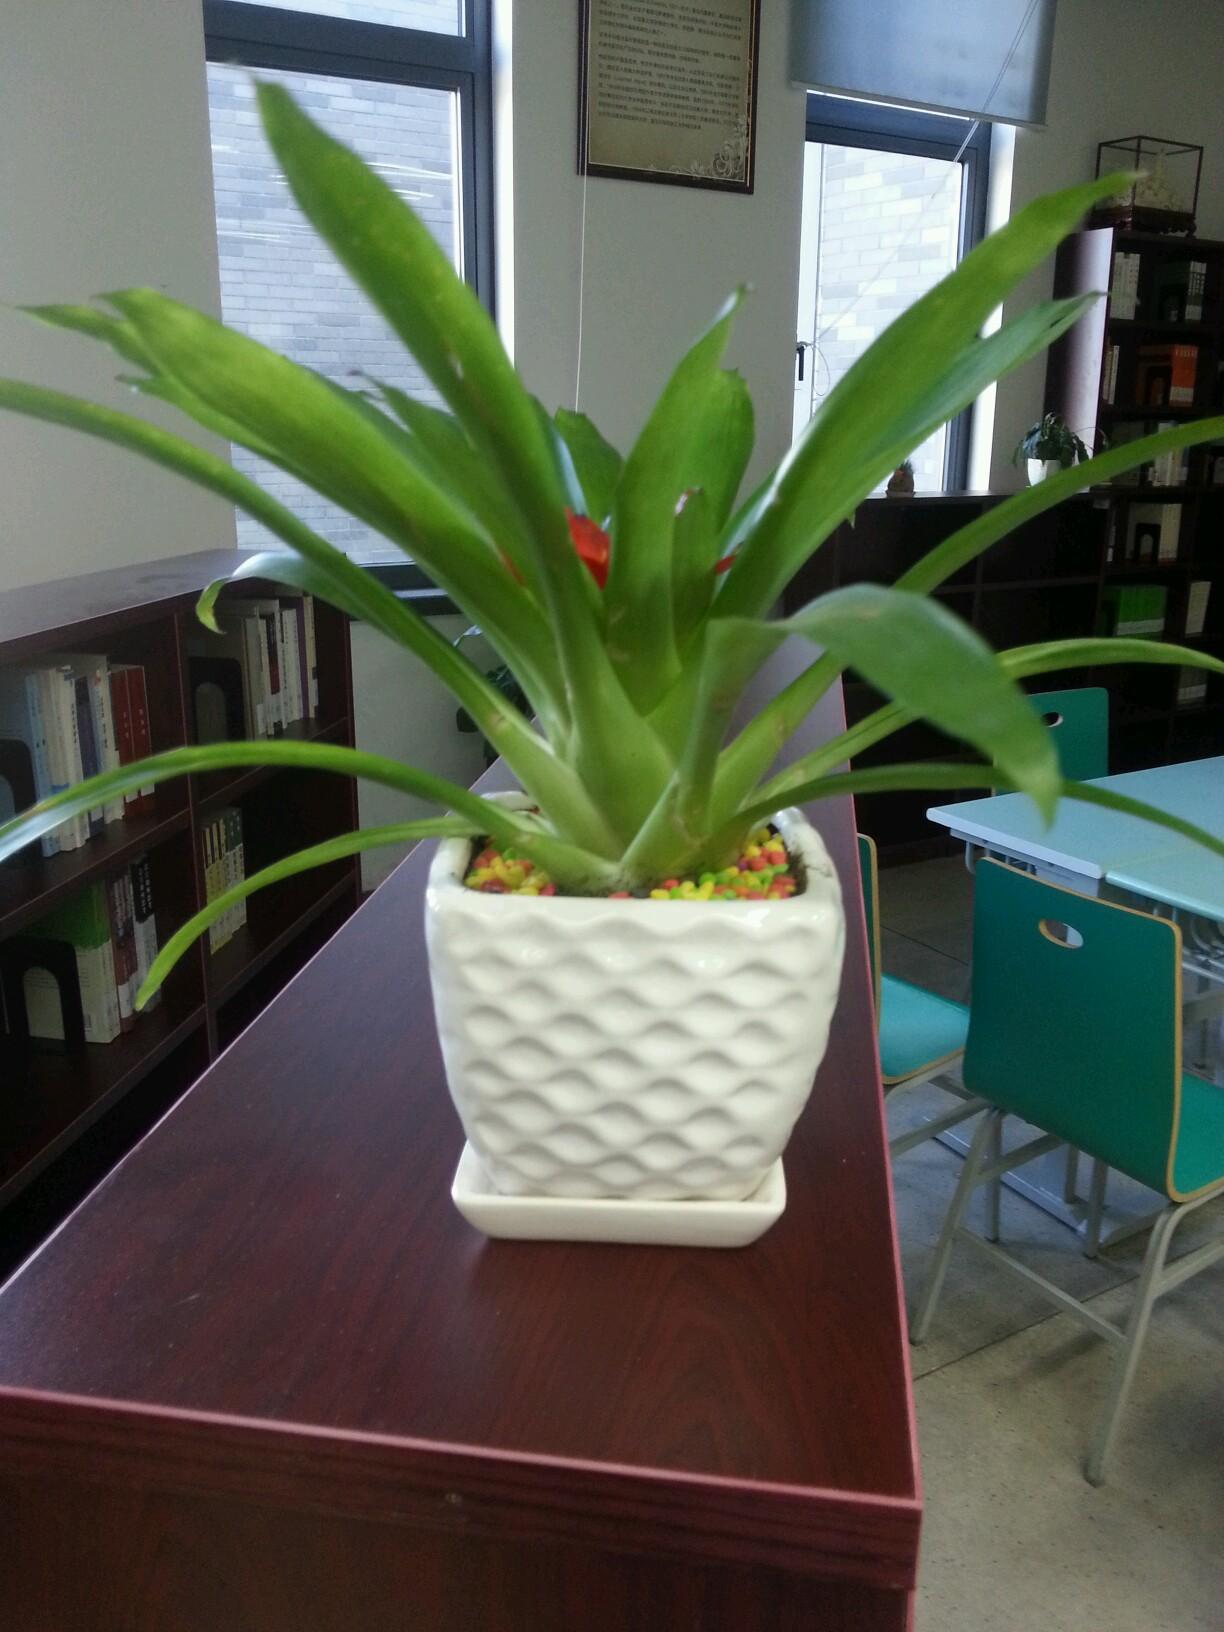 常见的家养花种类_常见盆景图片及名称-300种常见盆栽植物名称_适合放客厅的大盆绿 ...